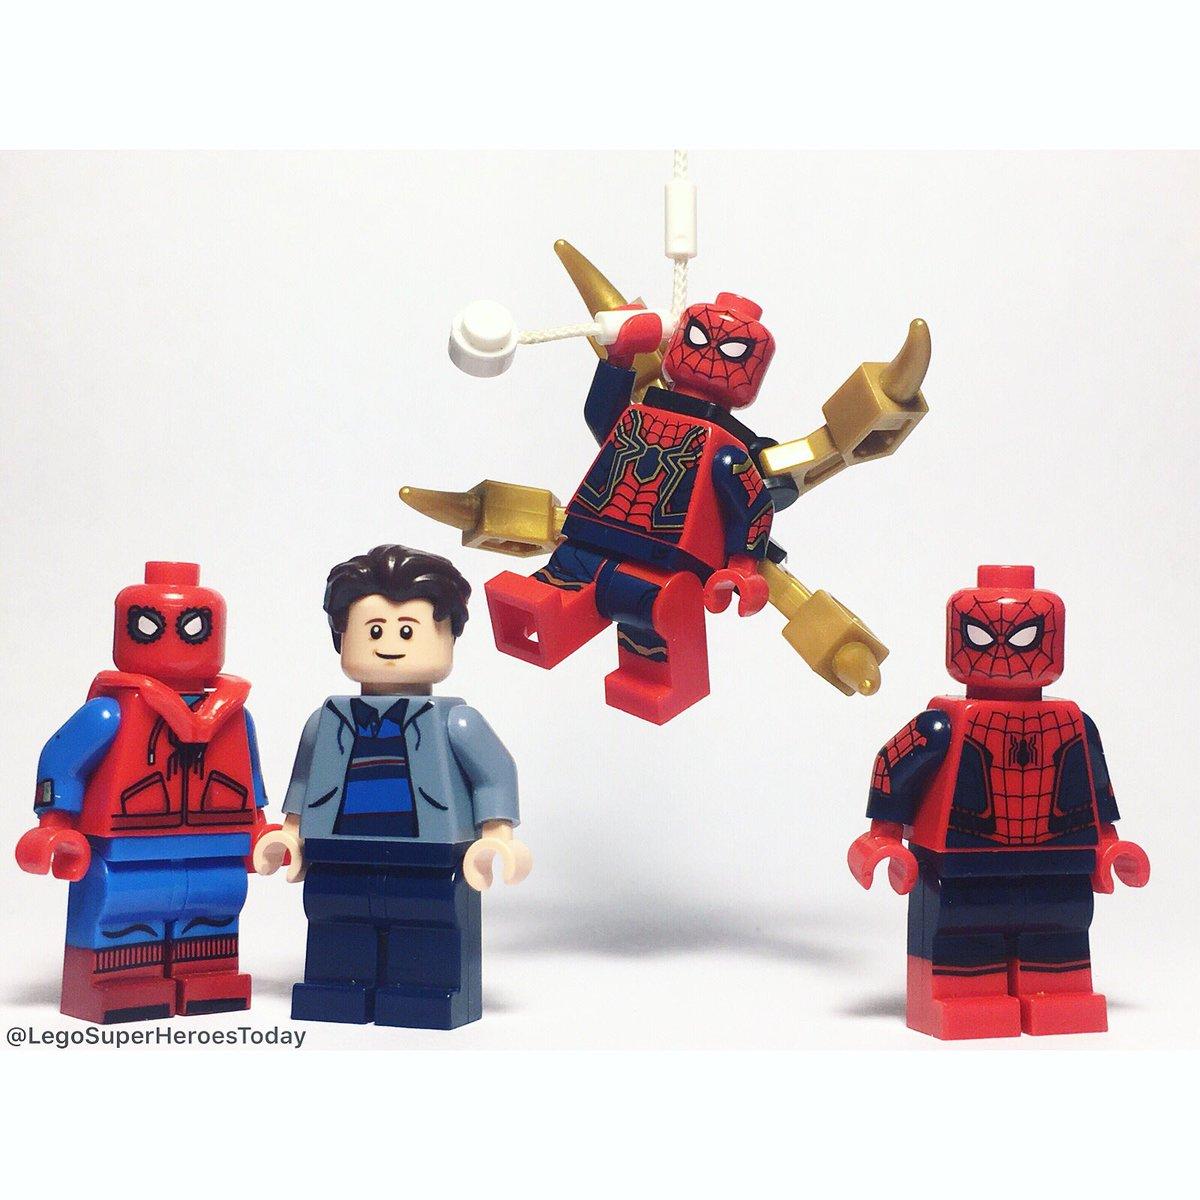 Minisuperheroestoday On Twitter Mcu Evolution Spider Man Which Of